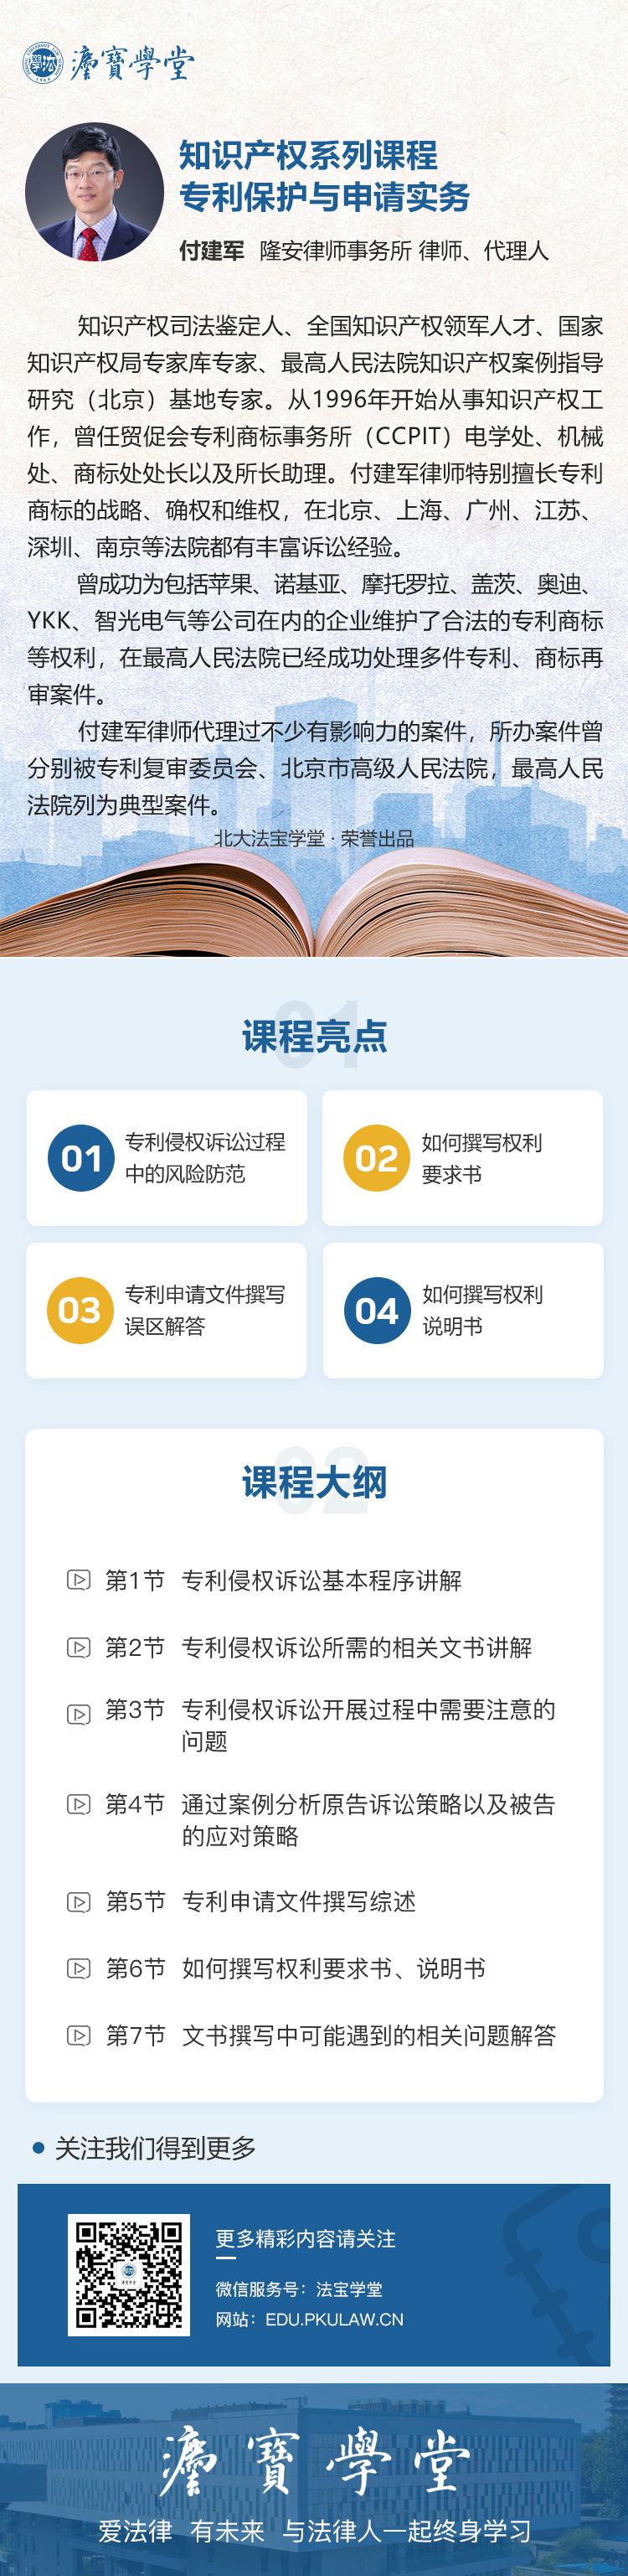 file_1552618847183.jpg